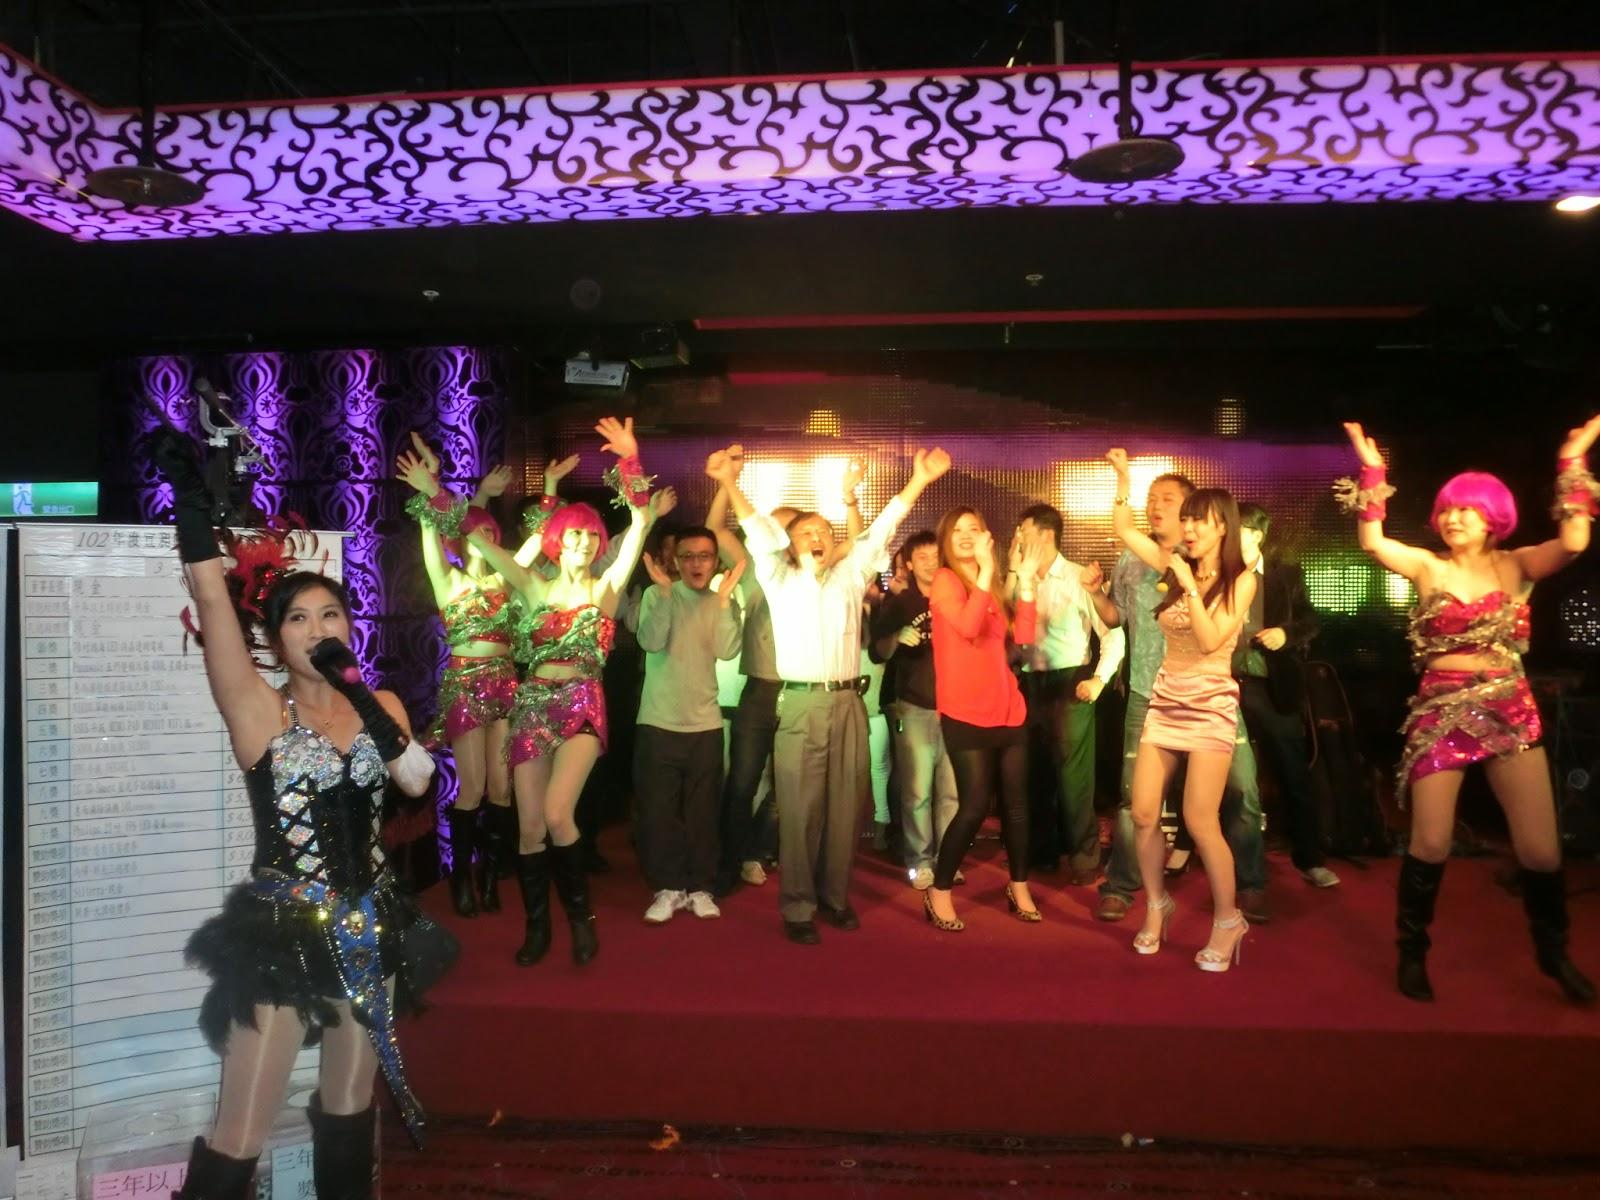 推薦,尾牙主持,活動主持,尾牙表演,舞者,企劃活動,統包活動,魔術,特技,樂團表演,樂團演唱,正妹,小丑,人入氣球,電音三太子,財神爺,人偶裝